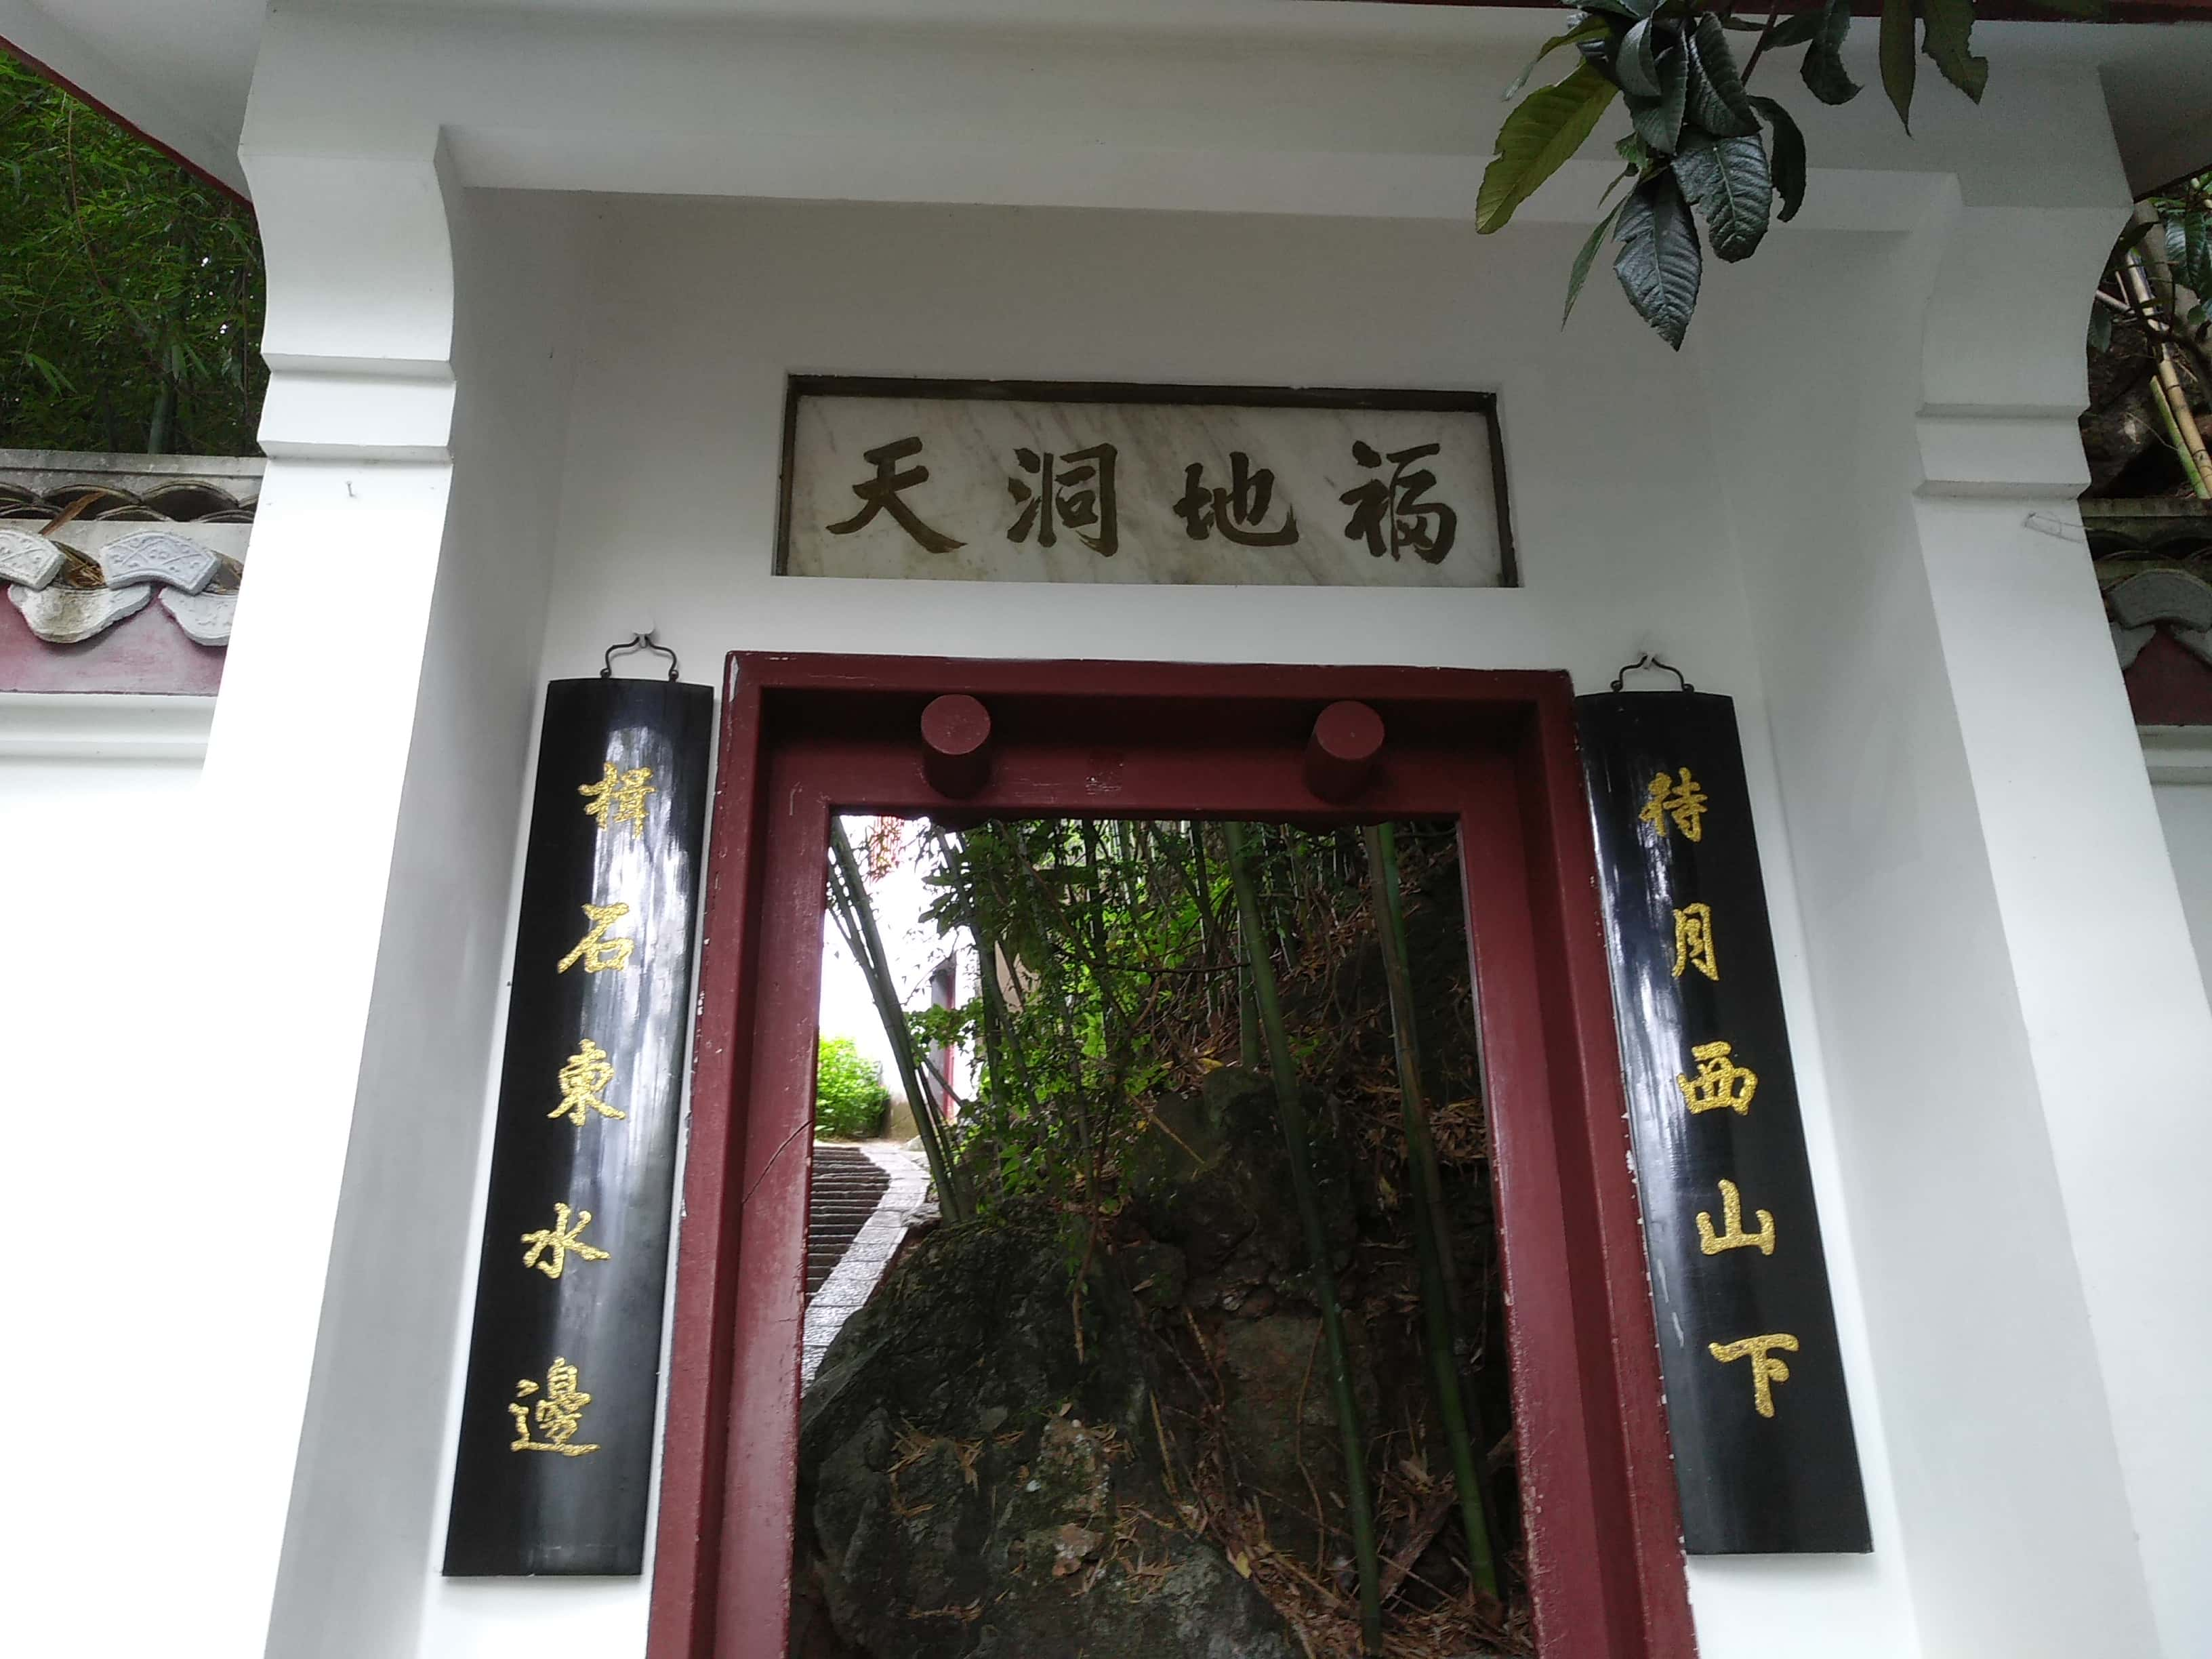 溶洞的入口小门